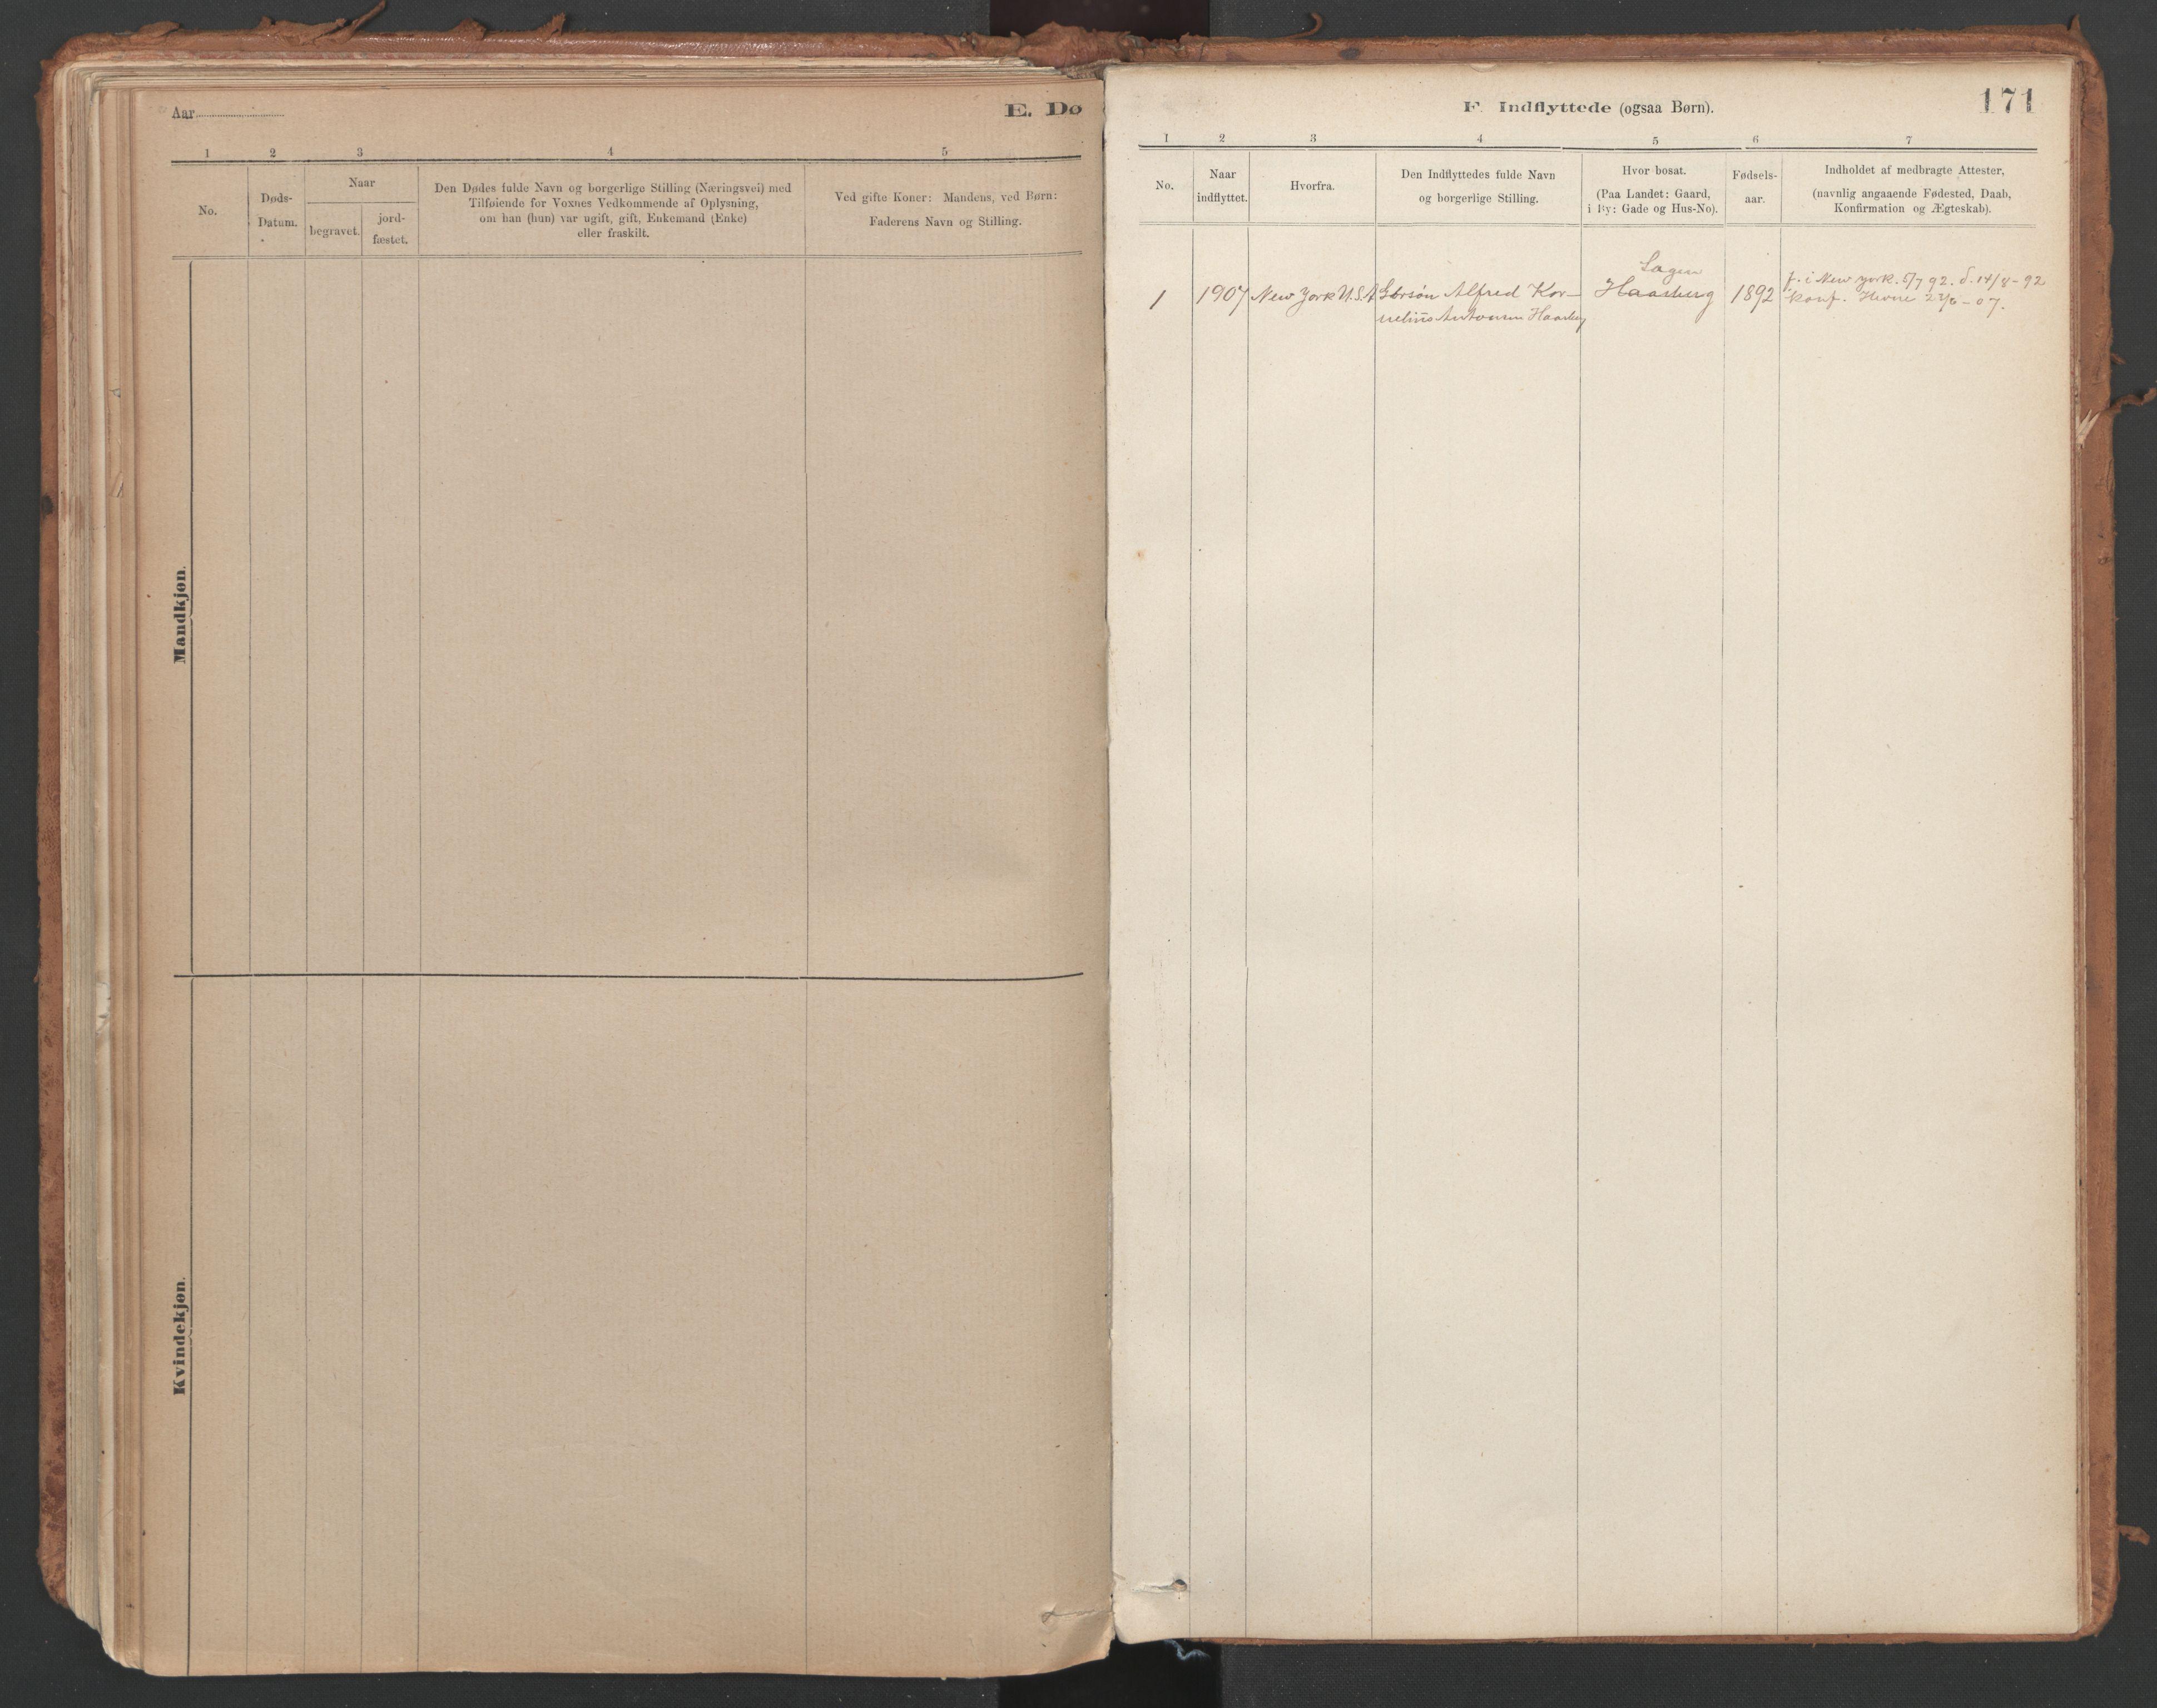 SAT, Ministerialprotokoller, klokkerbøker og fødselsregistre - Sør-Trøndelag, 639/L0572: Ministerialbok nr. 639A01, 1890-1920, s. 171